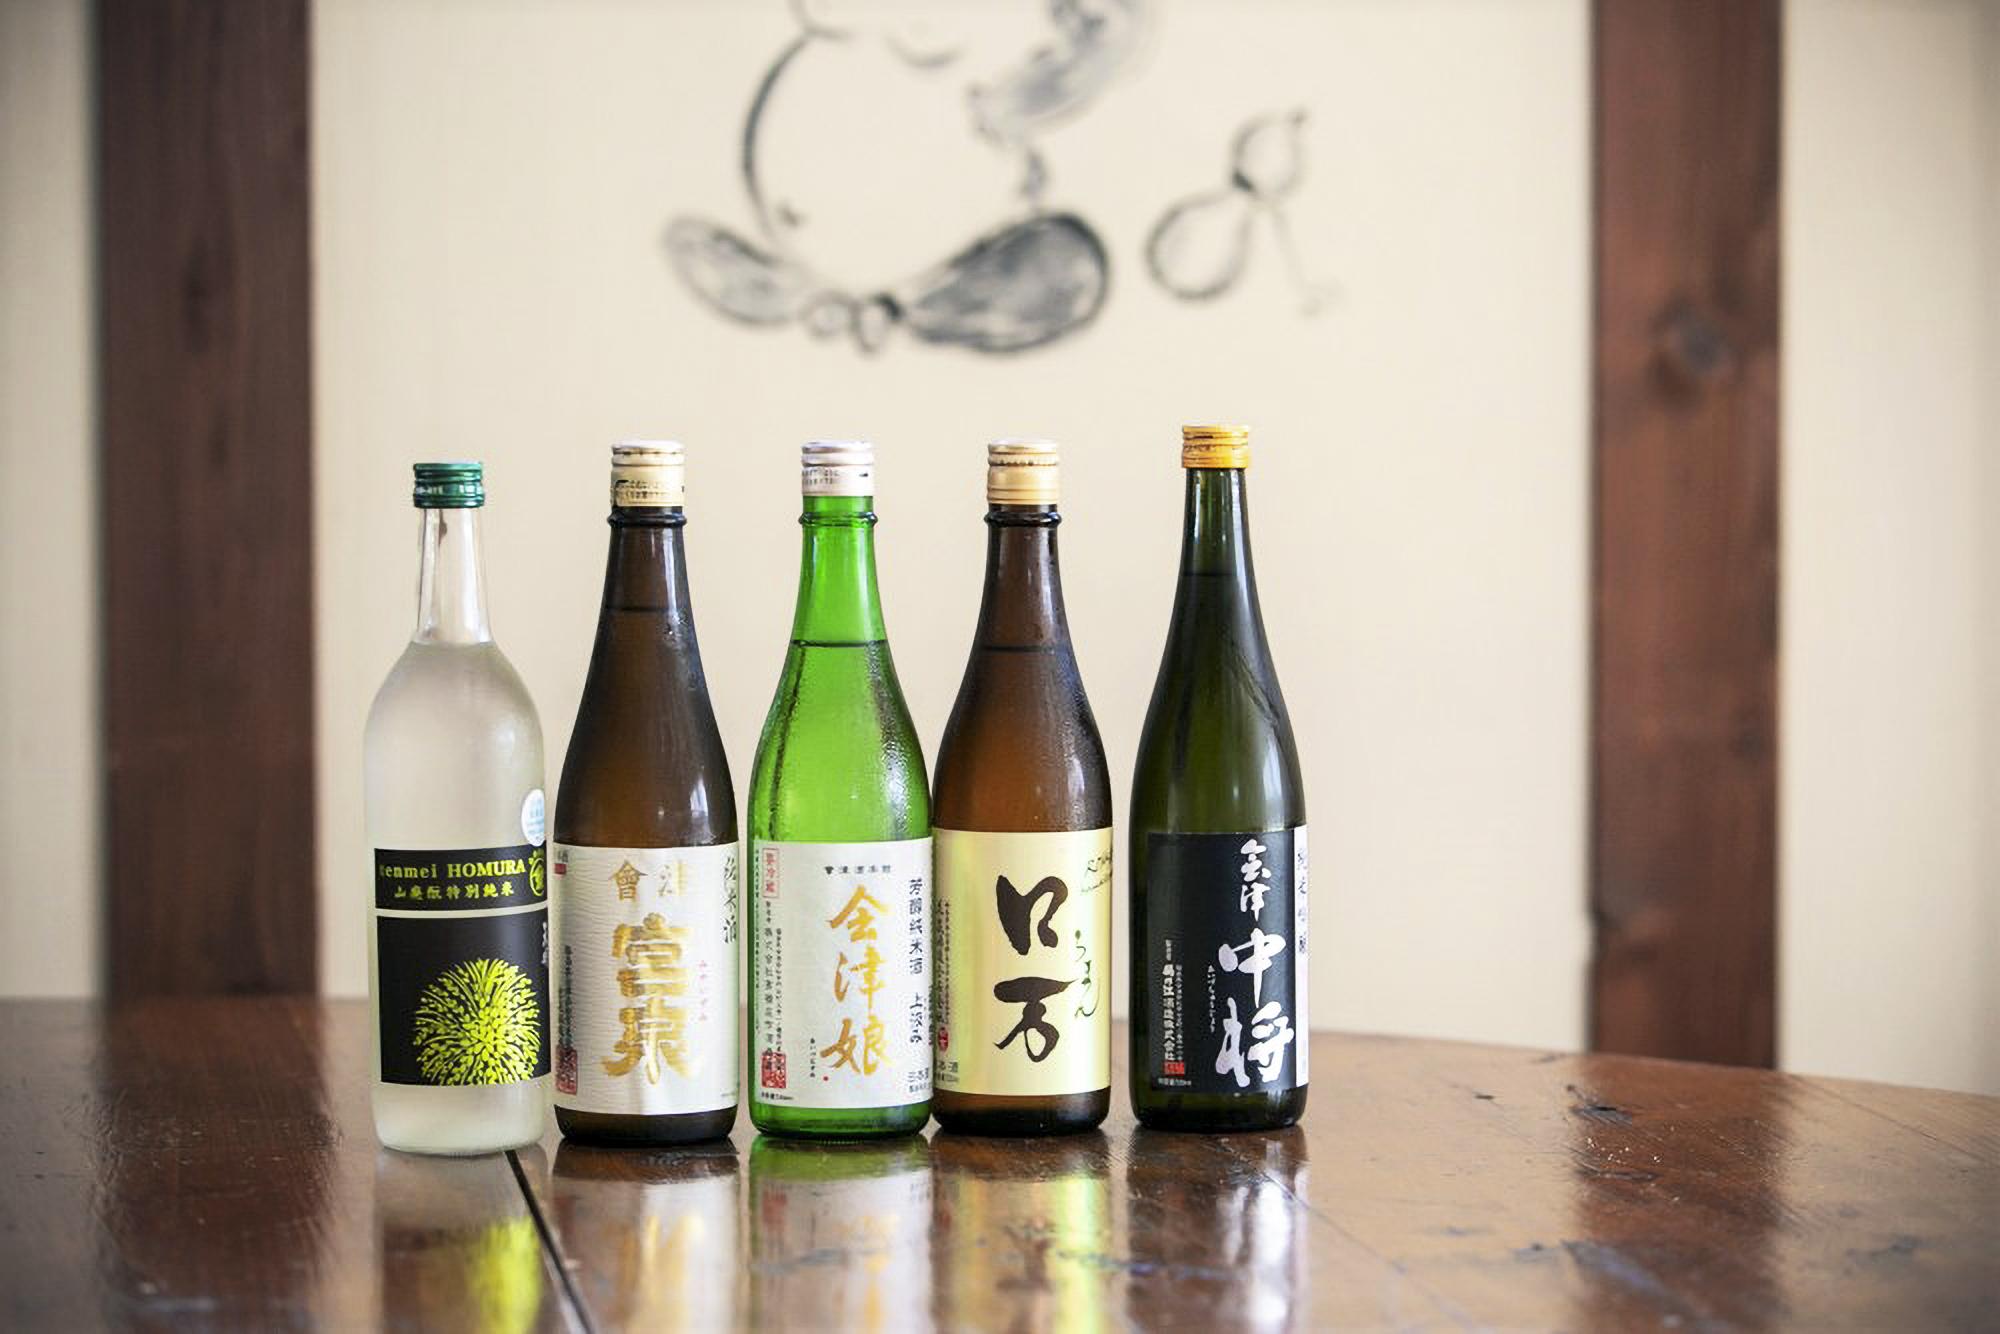 定番酒や季節限定品、オリジナルの日本酒も揃う